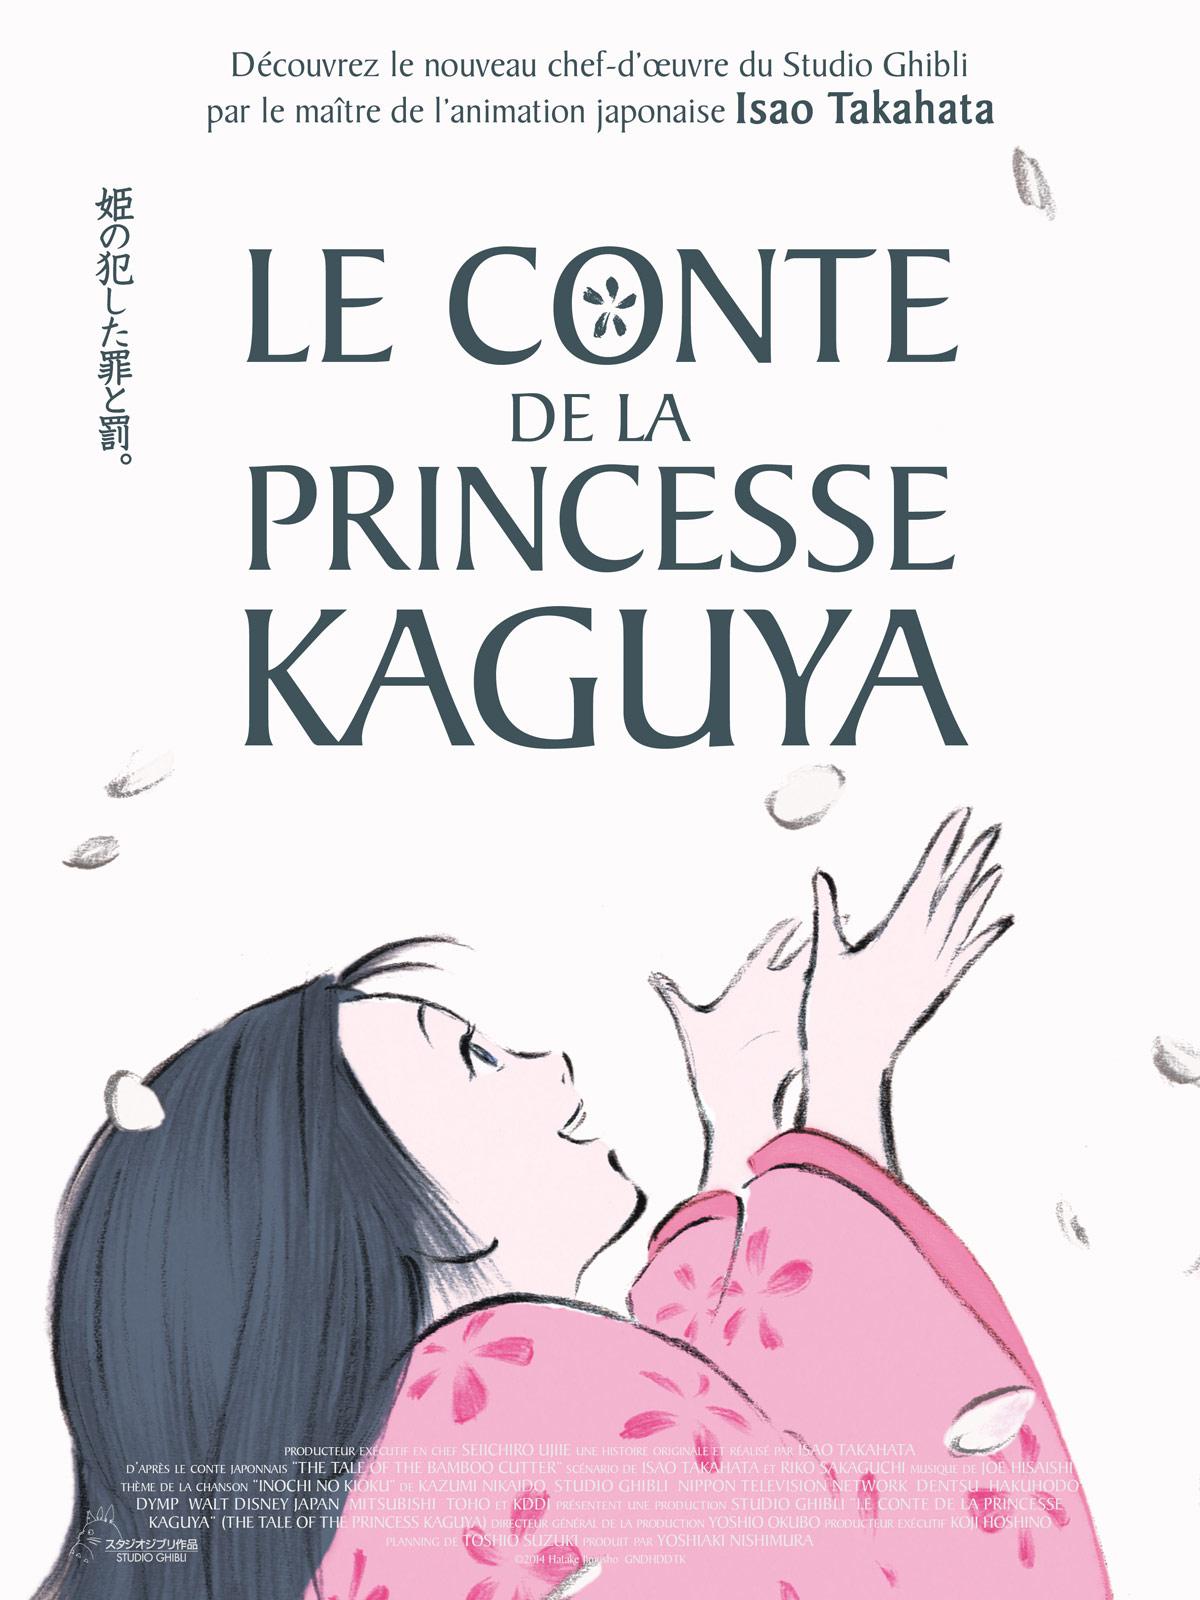 Le Conte de la princesse Kaguya dvdrip